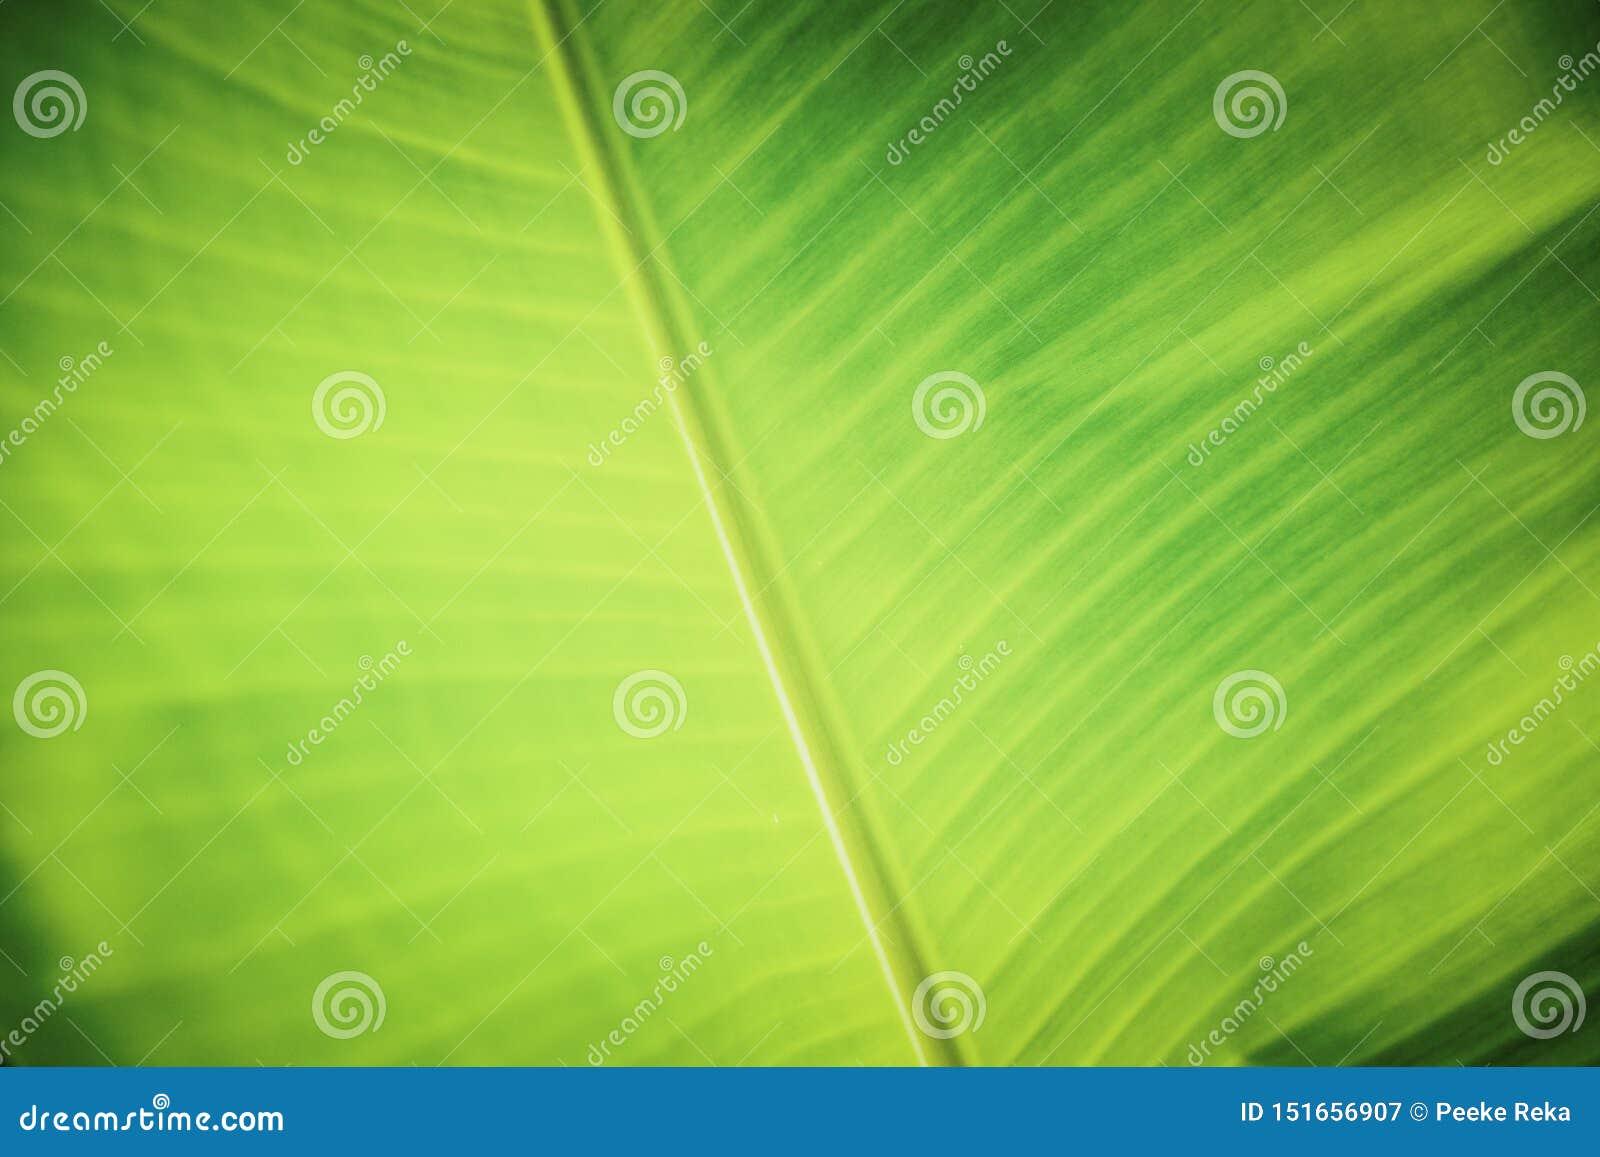 Texture de fond avec les feuilles vertes de banane